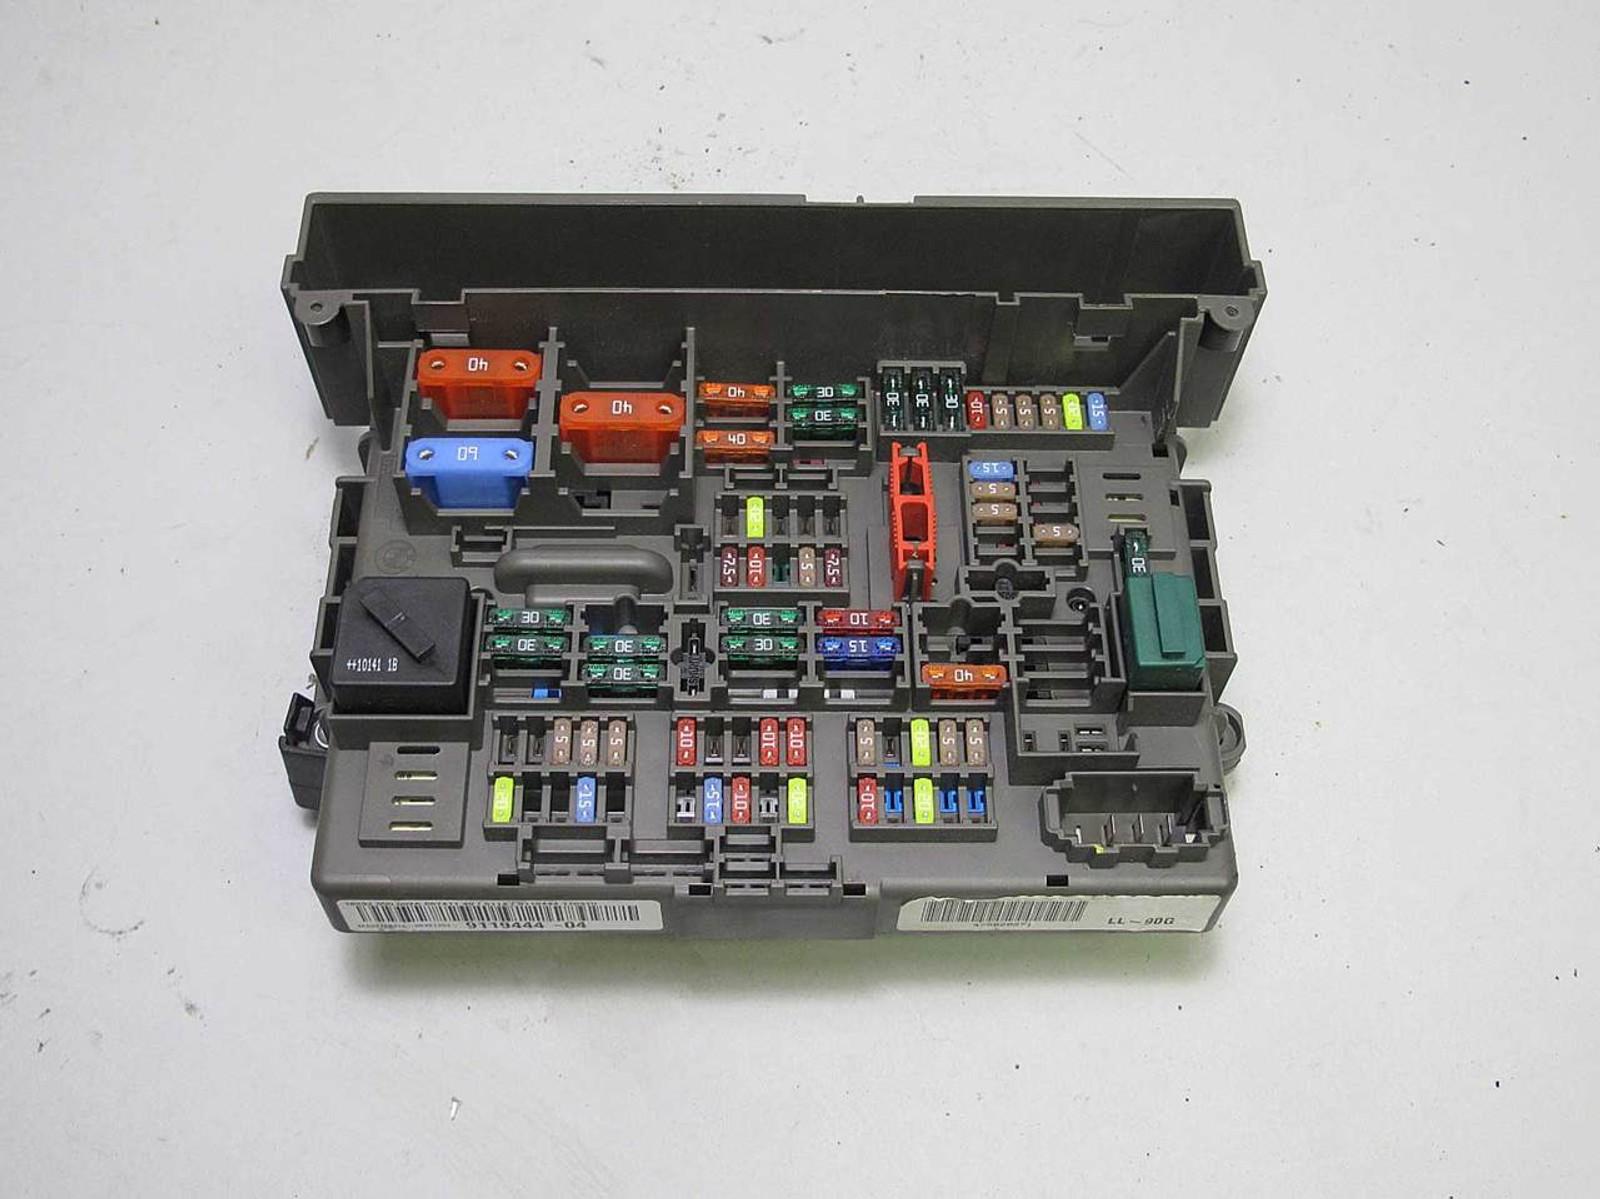 inv_012928_01__21085.1523300087?c=2 bmw e90 e92 3 series e82 front interior glove box fuse box 2008 2013